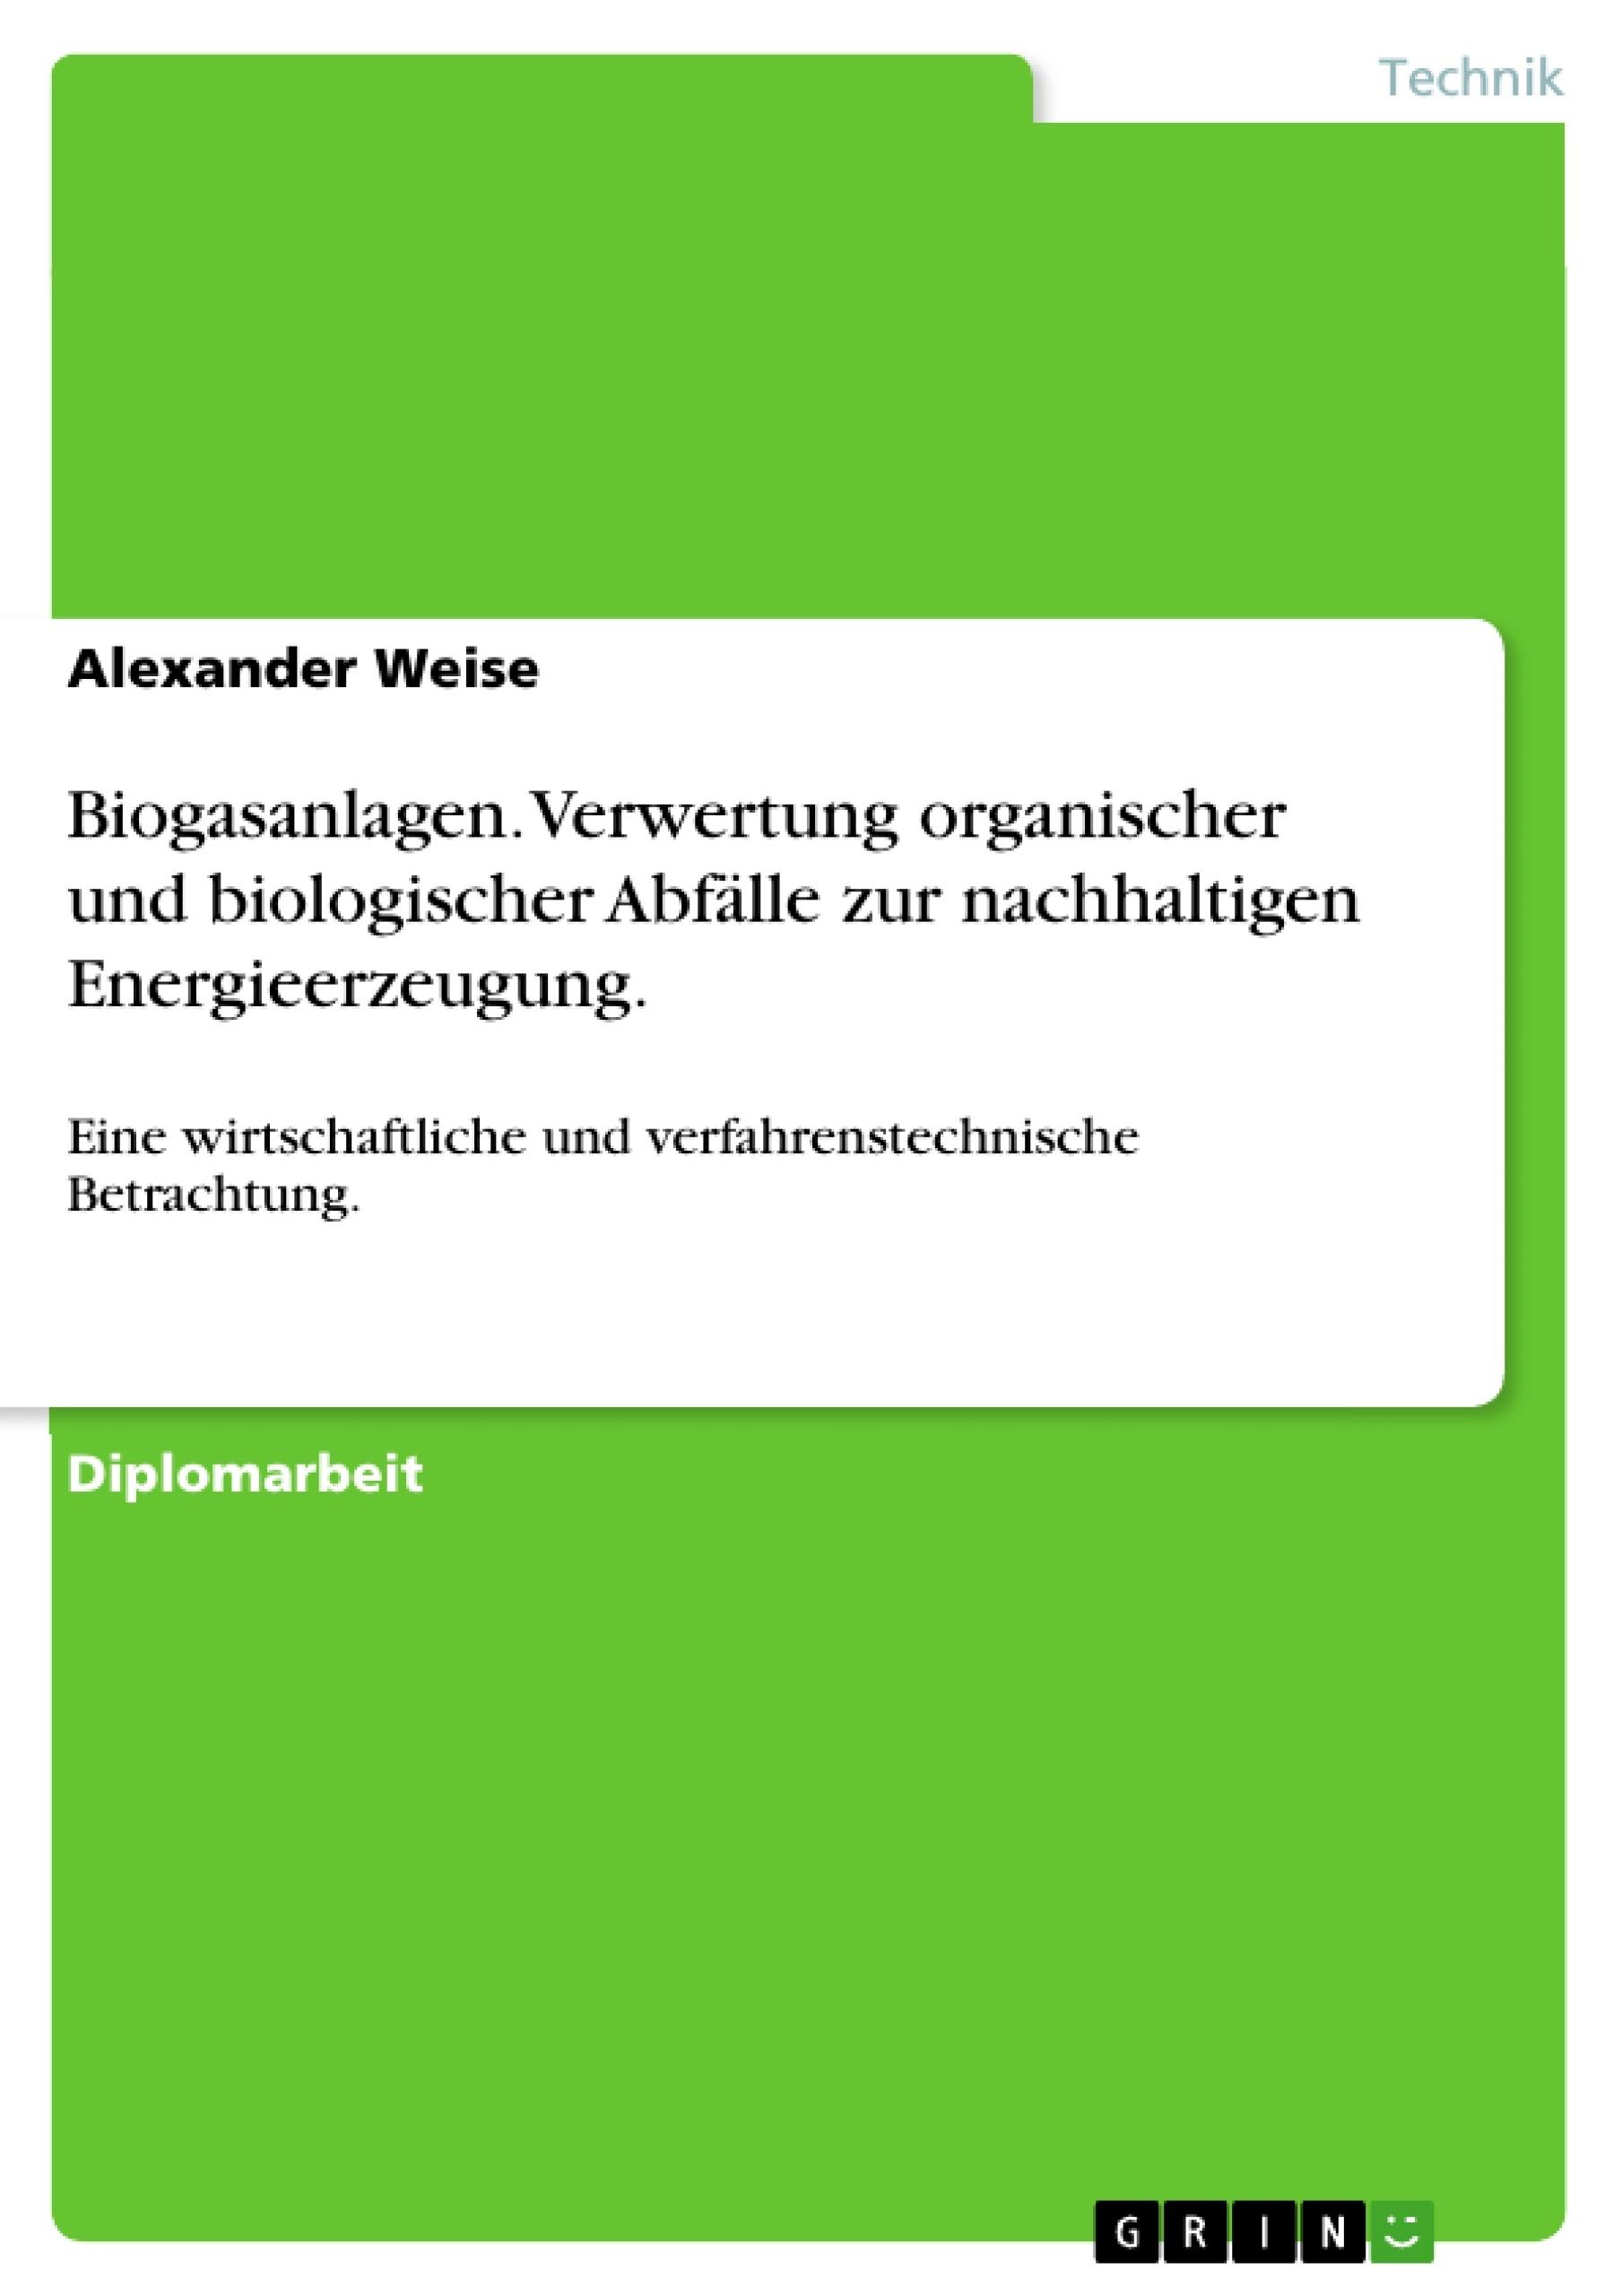 Titel: Biogasanlagen. Verwertung organischer und biologischer Abfälle zur nachhaltigen Energieerzeugung.